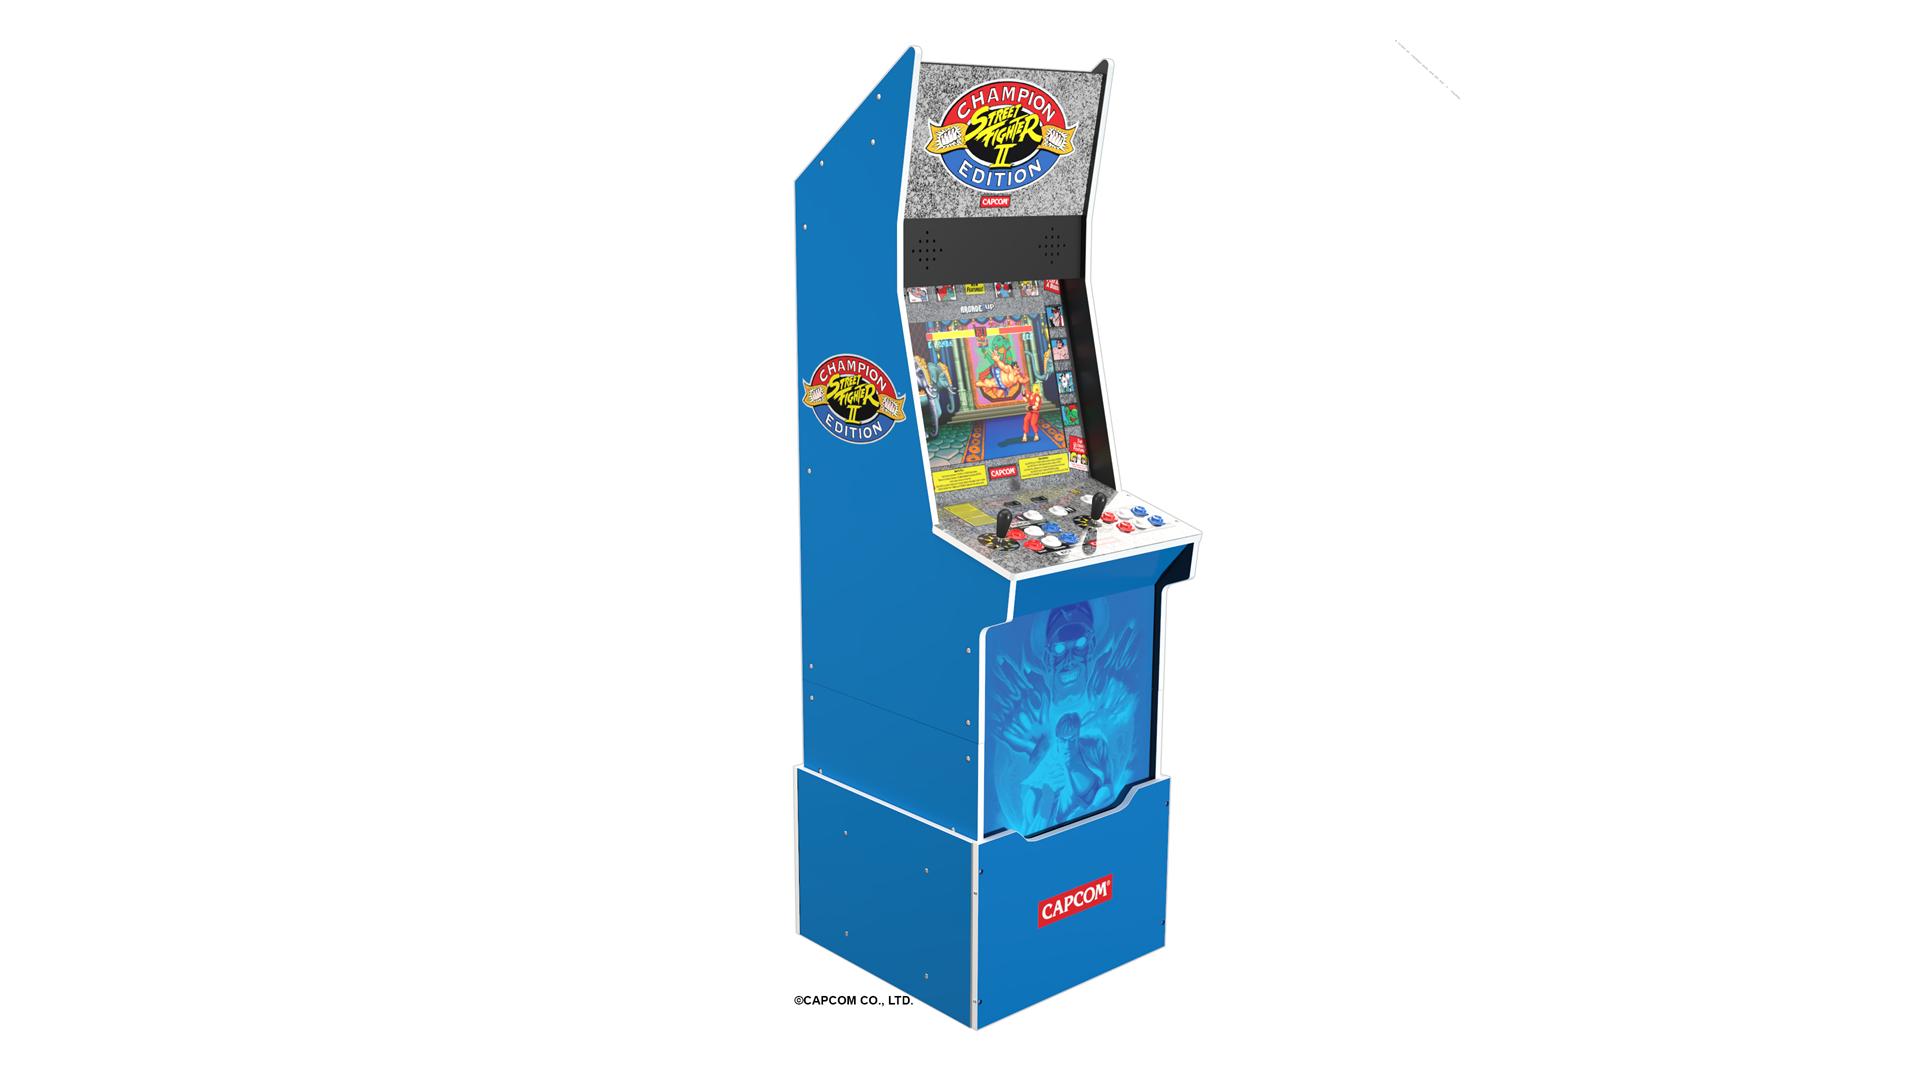 A Blue 'Street Fighter II' machine